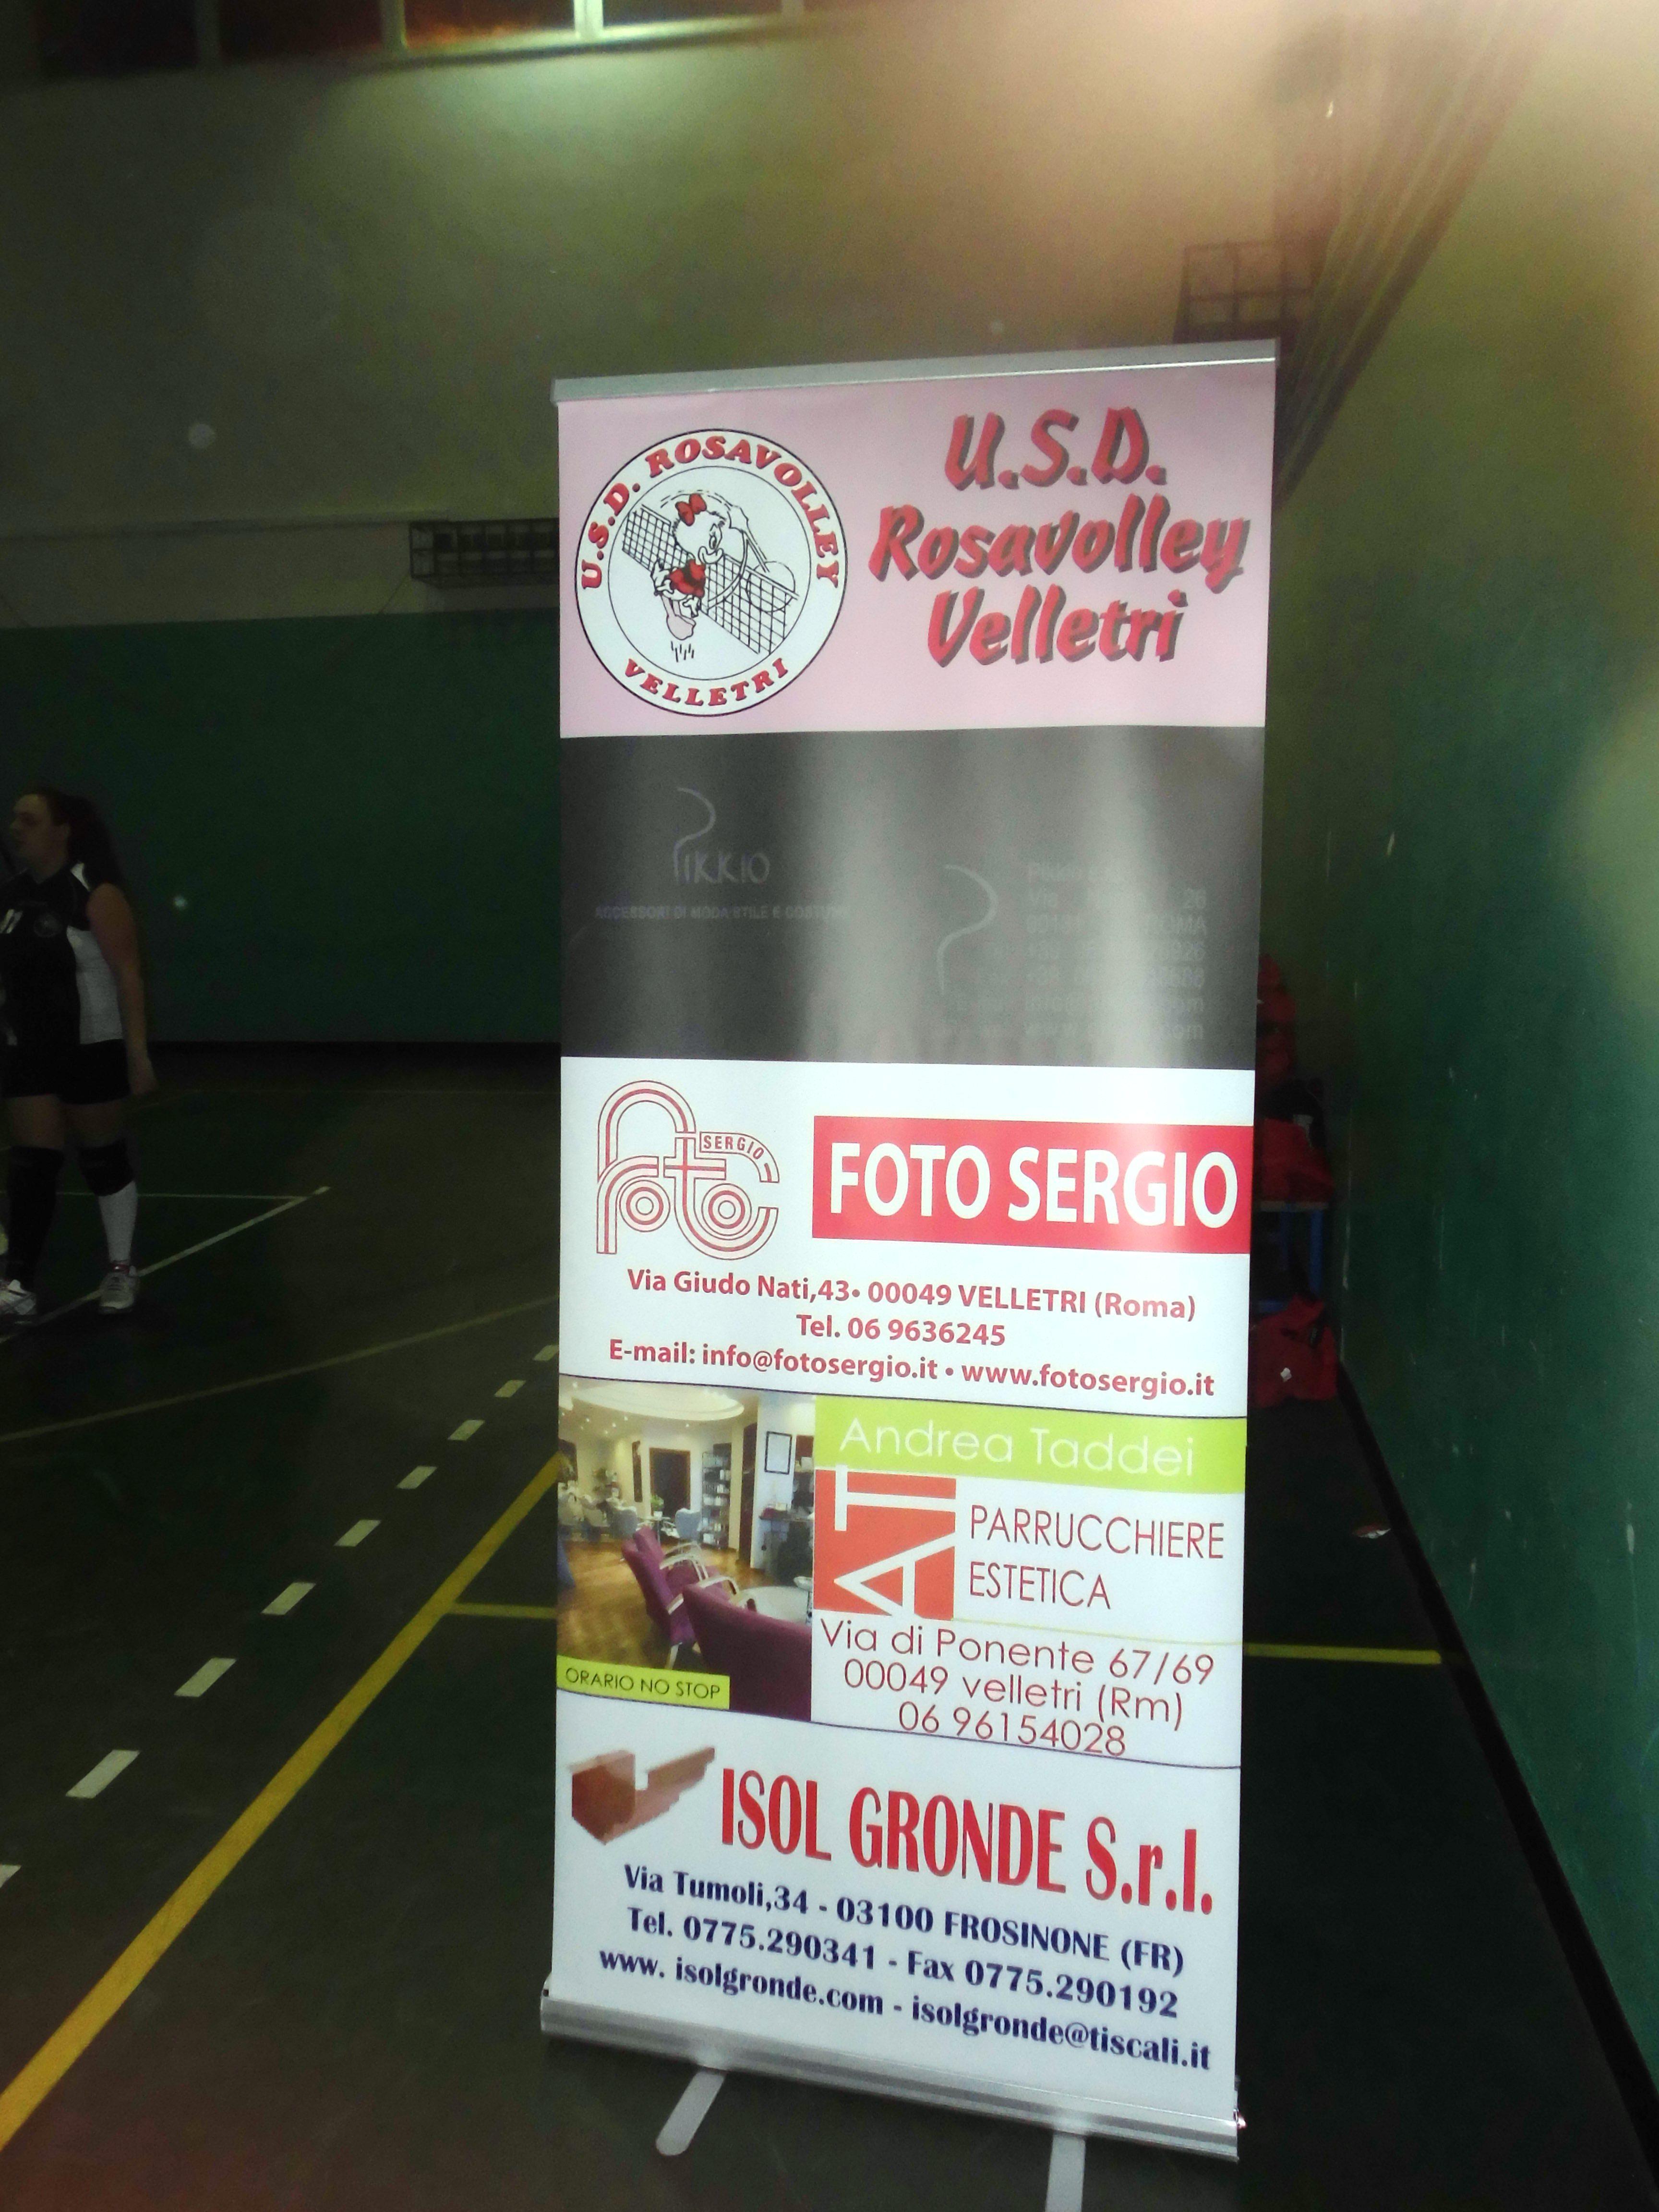 ROSAVOLLEY VELLETRI IL NUOVO CARTELLONE CON IL LOGO DELLA SOCIETA'